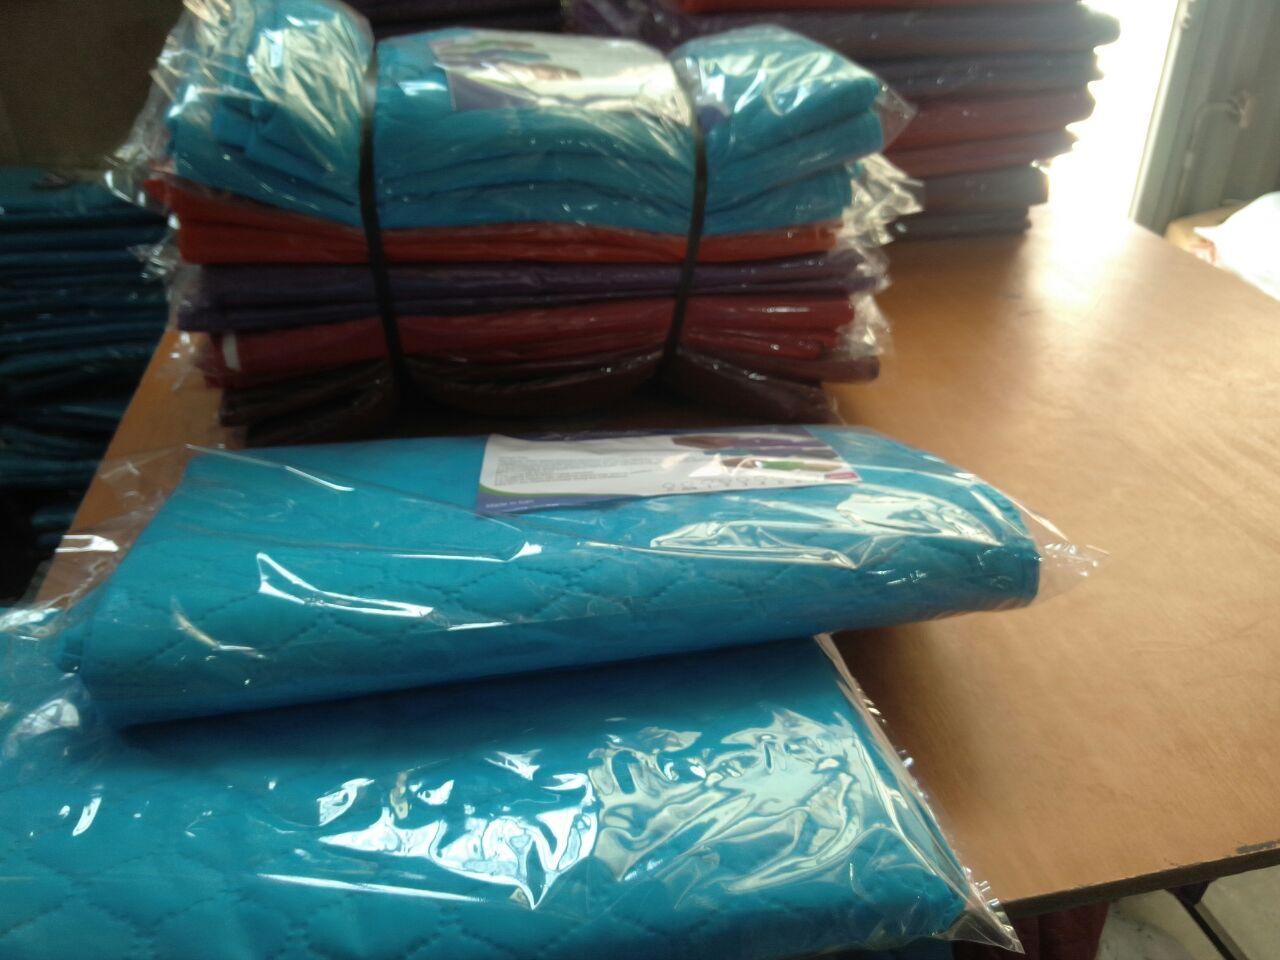 تولید کننده بقچه های زیپ دار لباسی و رختخابی